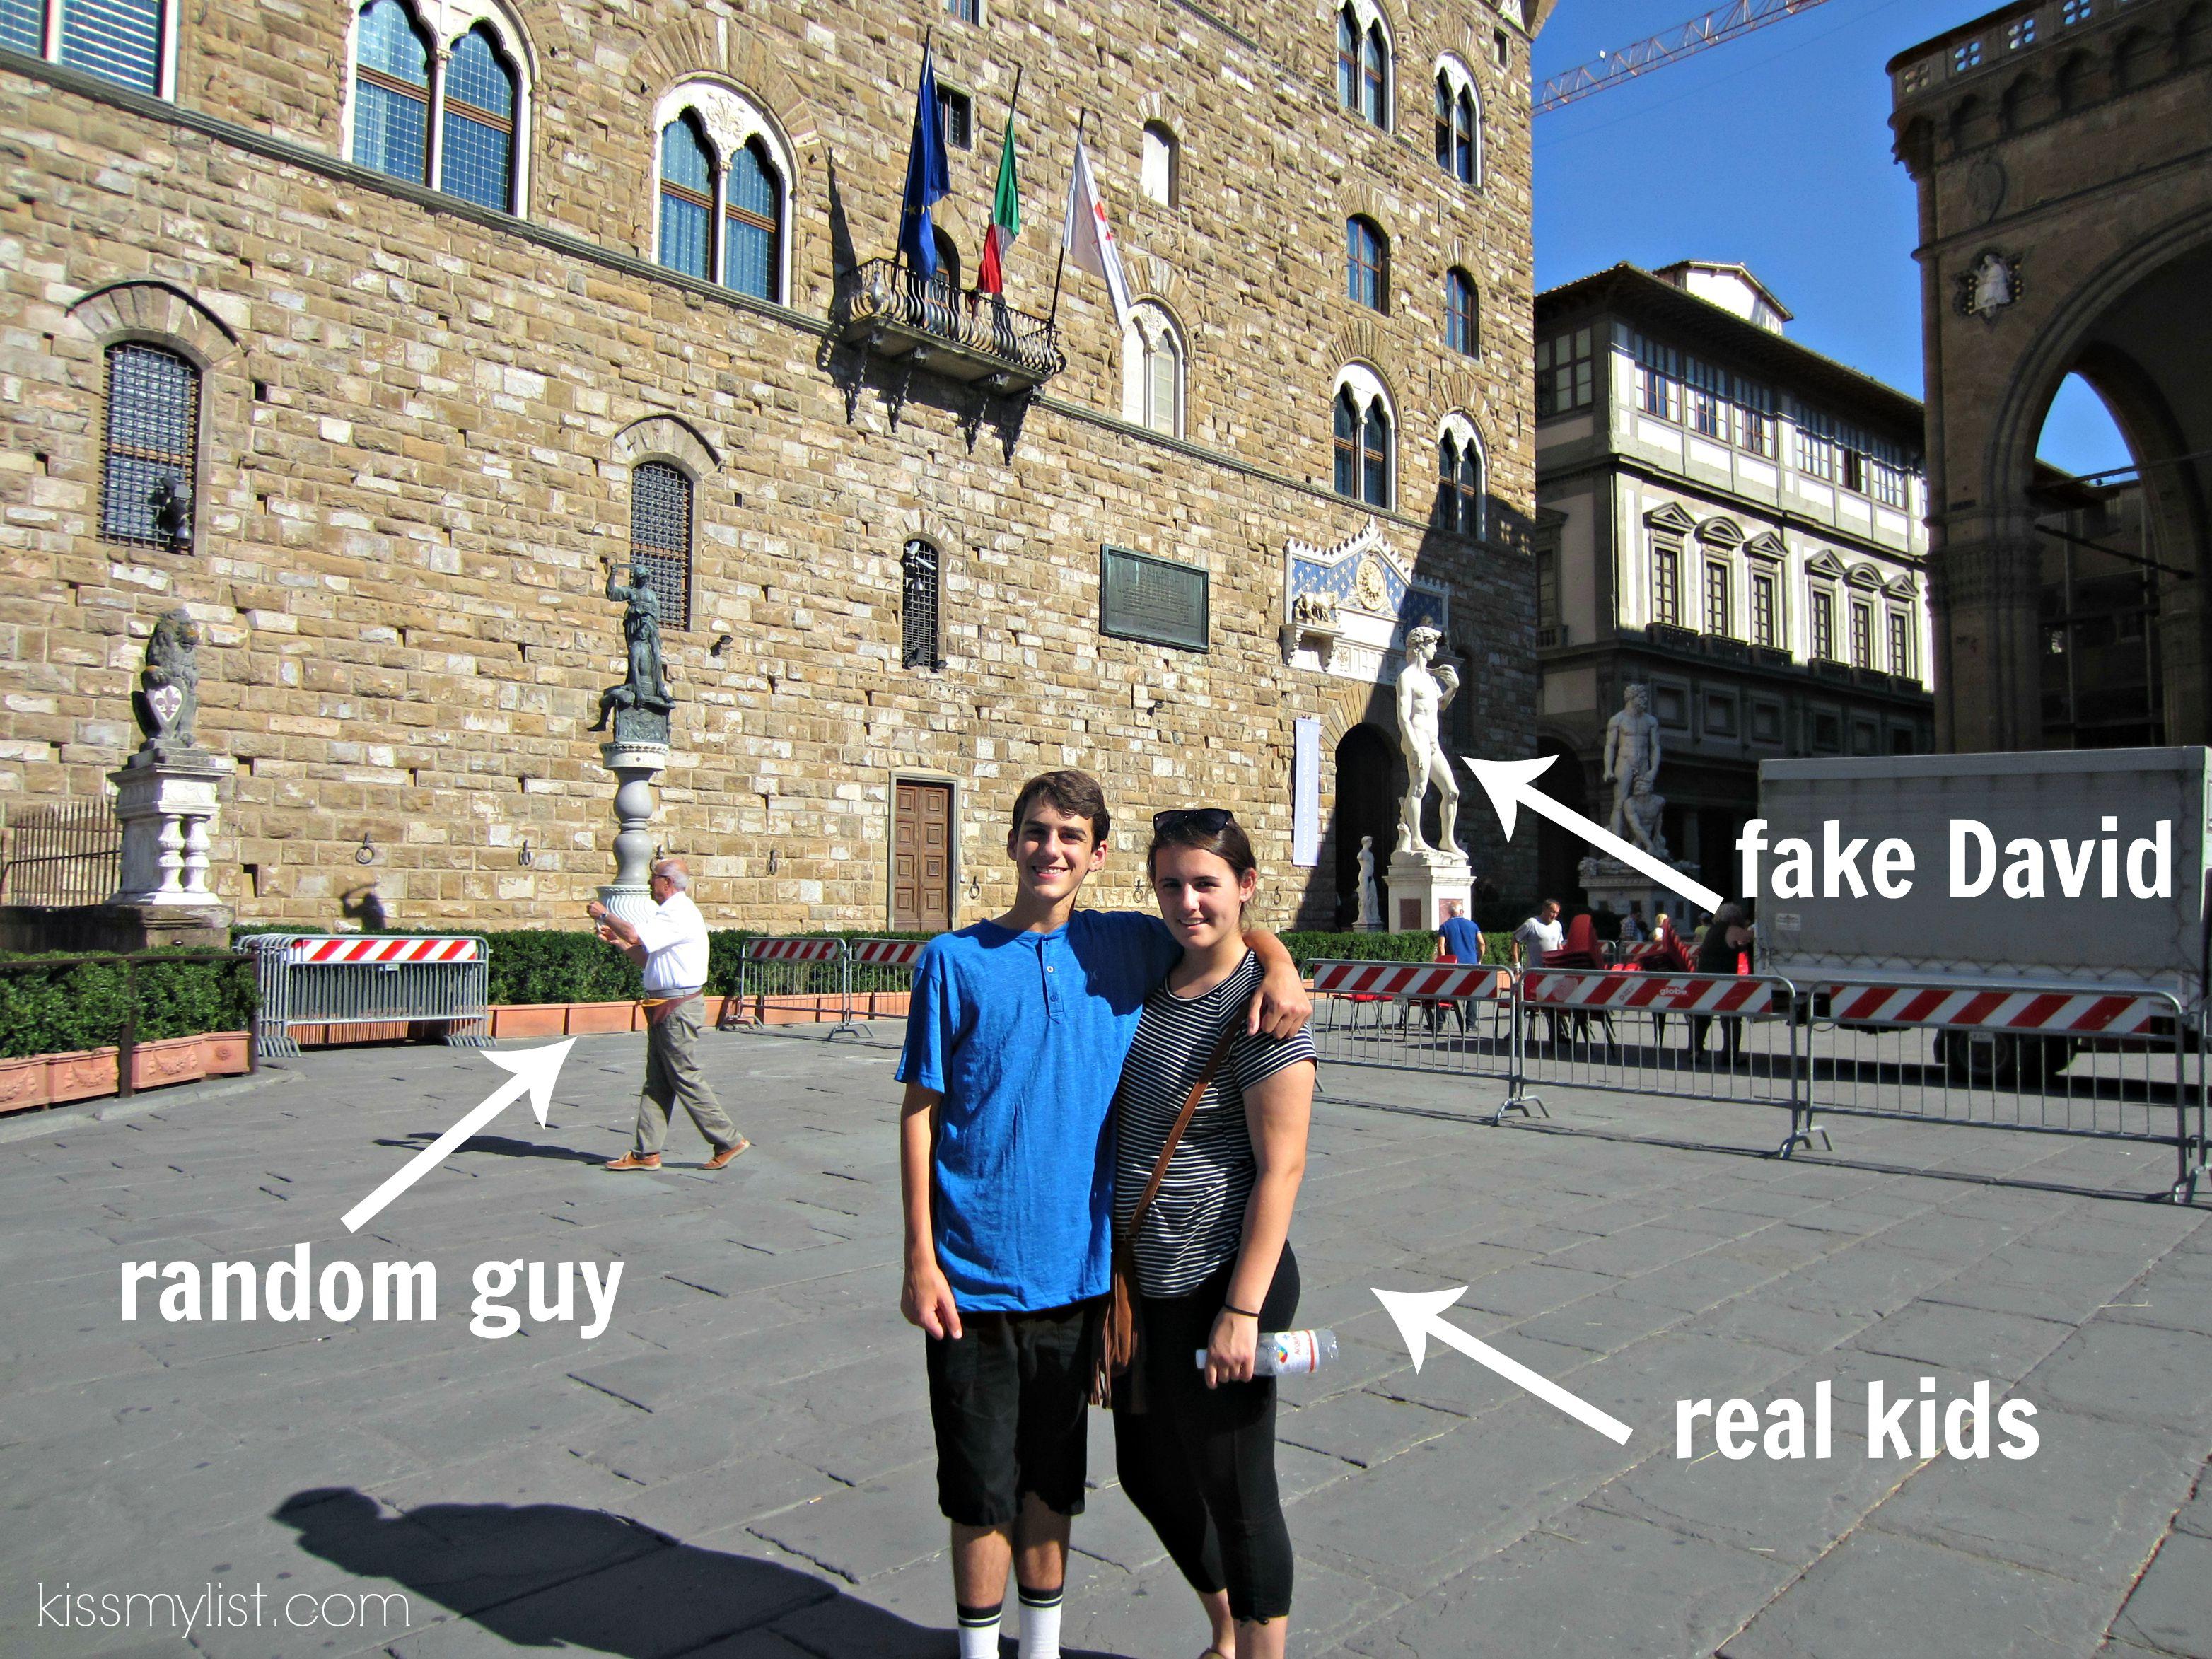 fake David